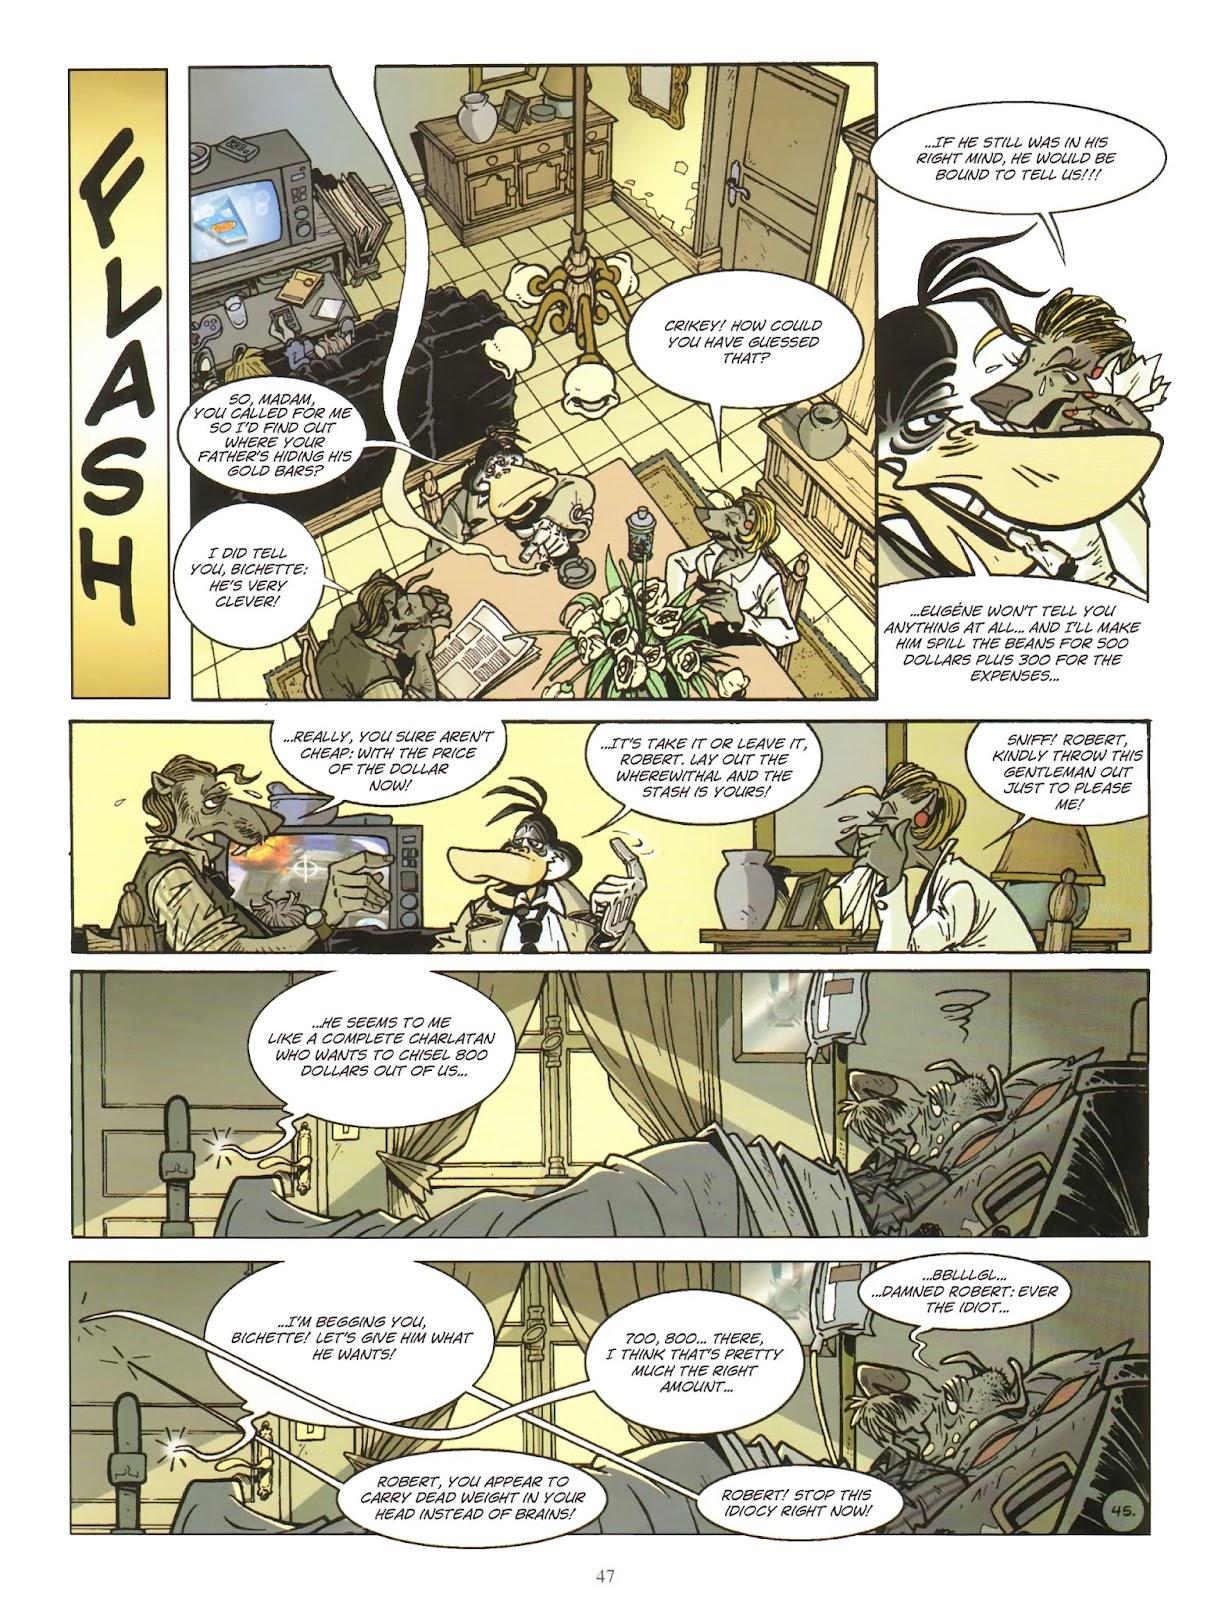 Une enquête de l'inspecteur Canardo issue 11 - Page 48